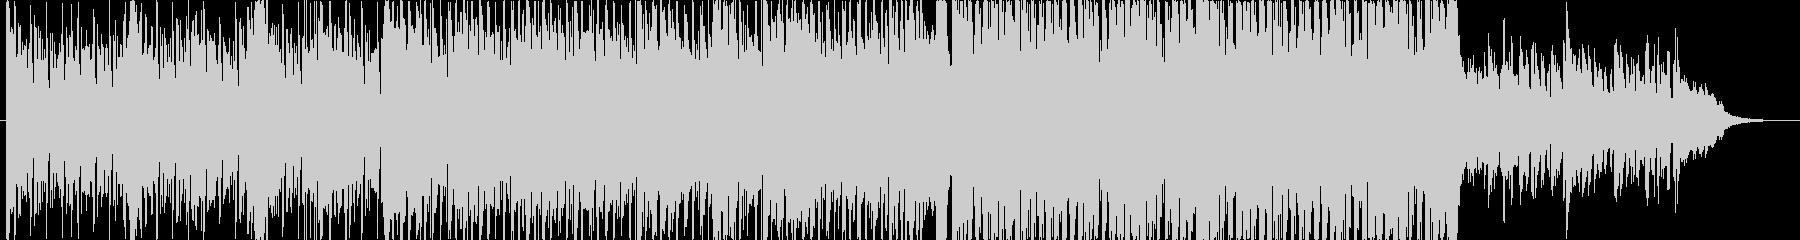 エレピとピアノによるメロディアスなハウスの未再生の波形